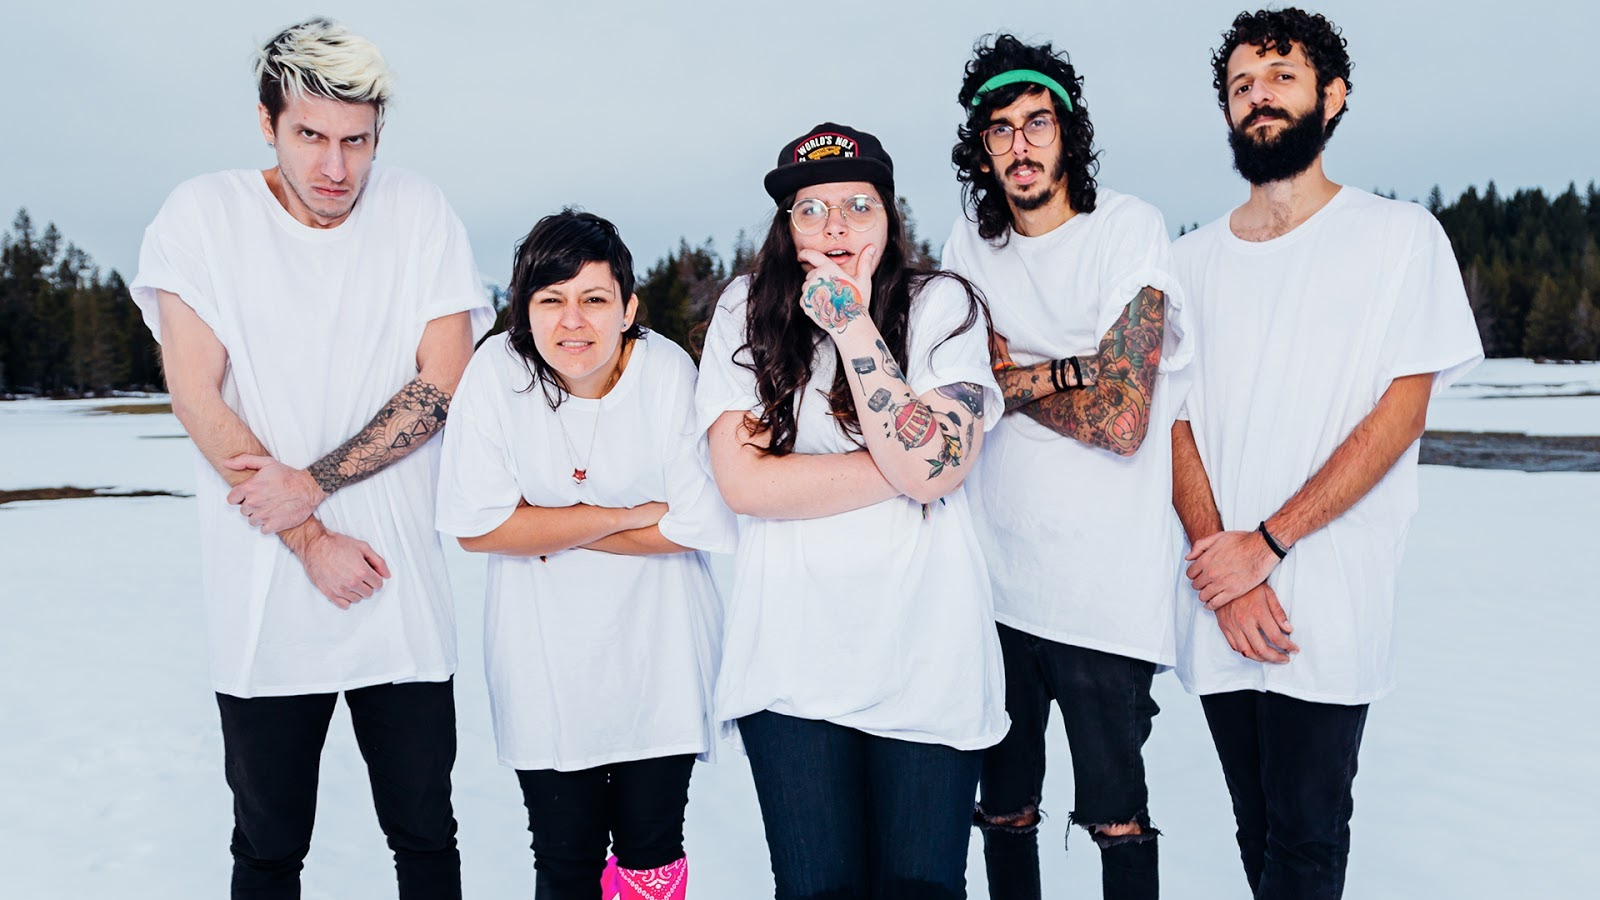 A banda do Rio Grande do Norte fez o show de lançamento do disco Unlikely na quinta, dia 10.